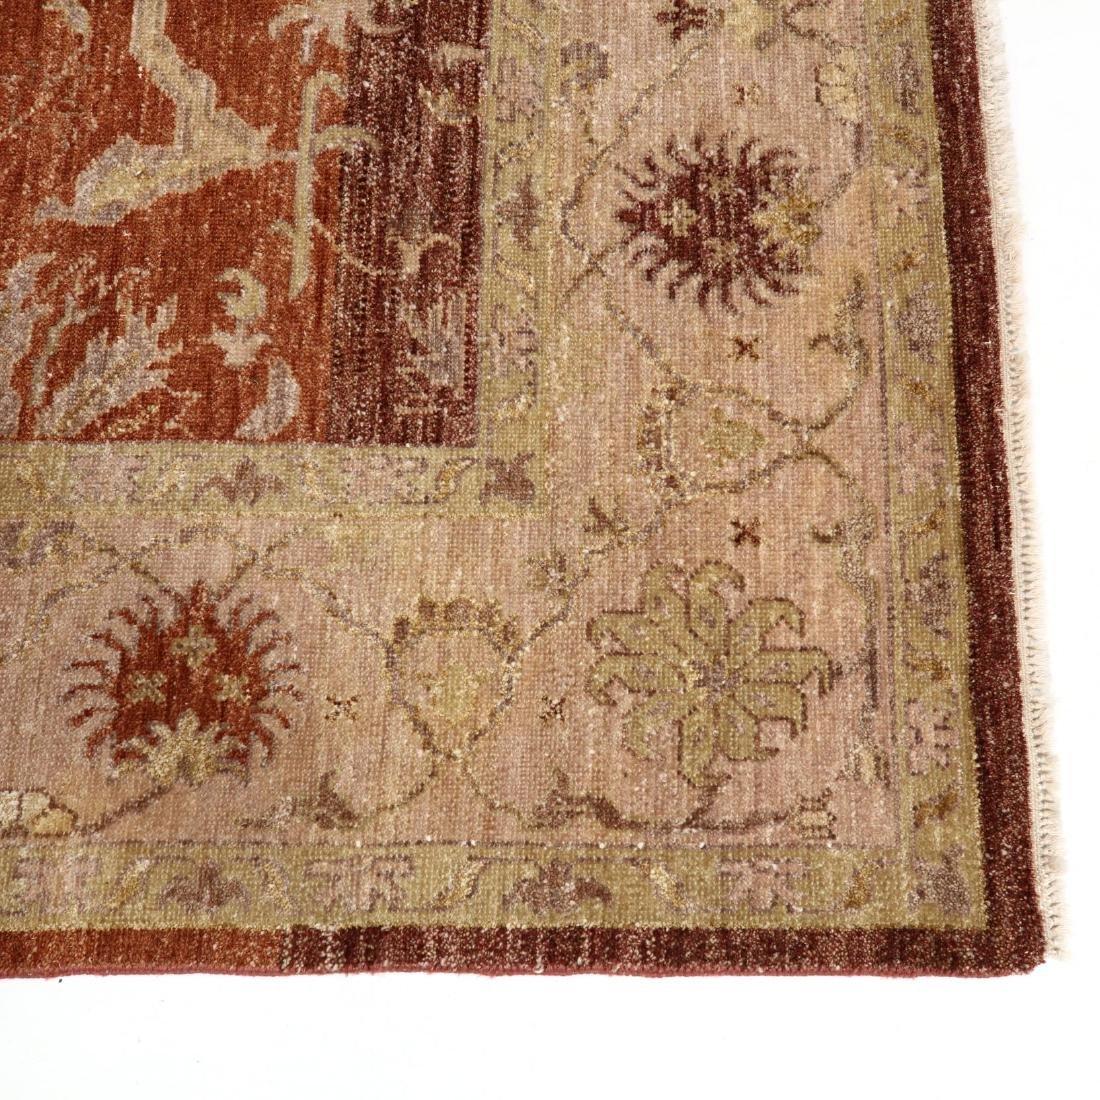 Pak - Persian Carpet - 2